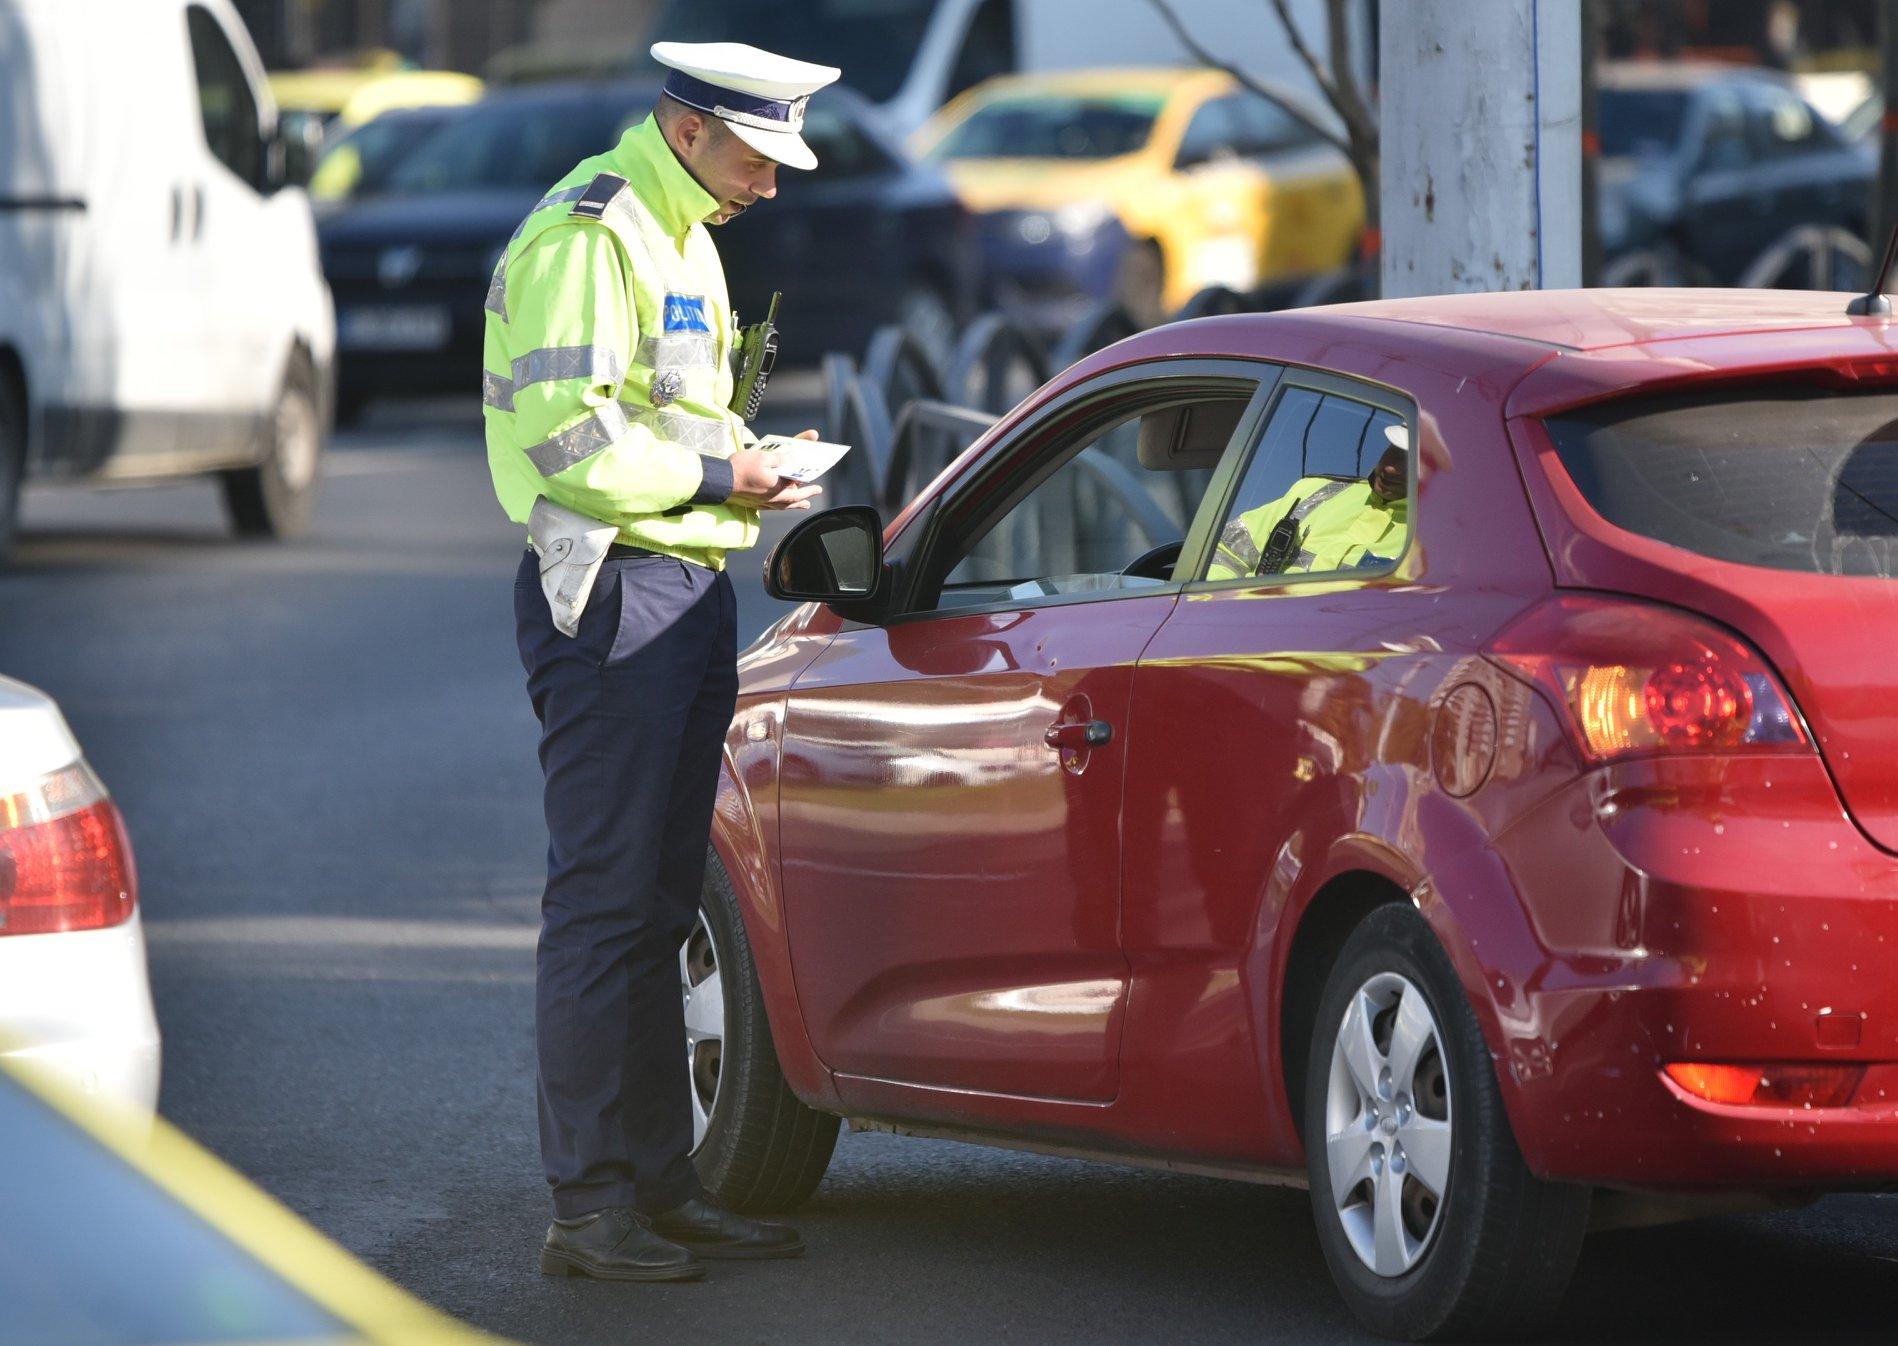 """Discuție polițist - șoferiță: """"De ce nu purtați centura?"""". """"Pentru că mi-am pus silicoane. Nu se vede?"""""""